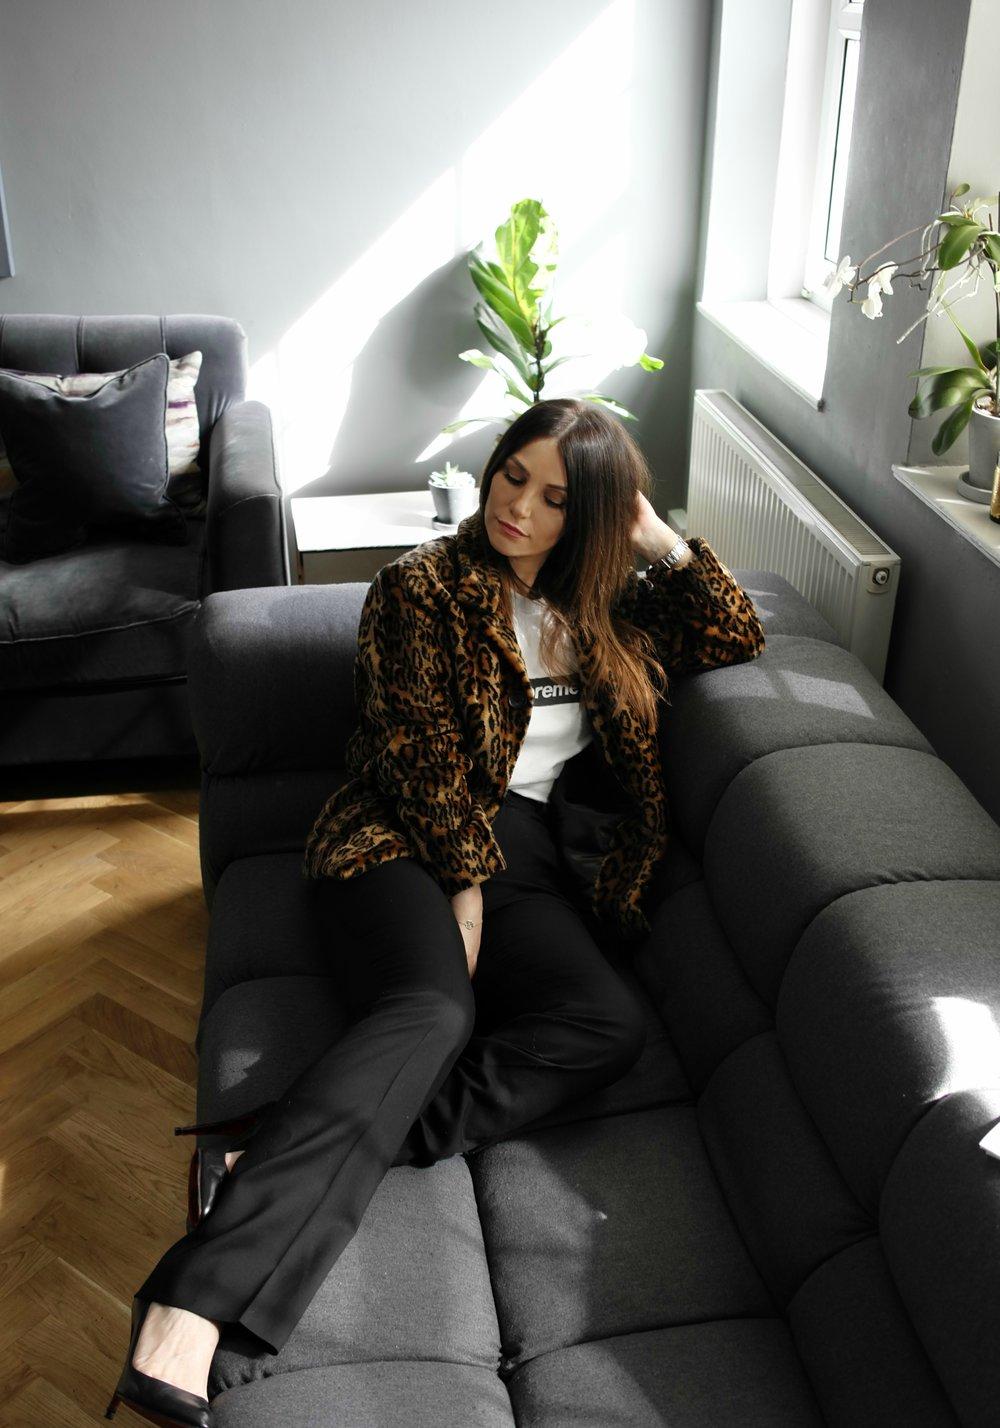 Faux Fur, Supreme ; Top, Supreme ; Pants, Balenciaga